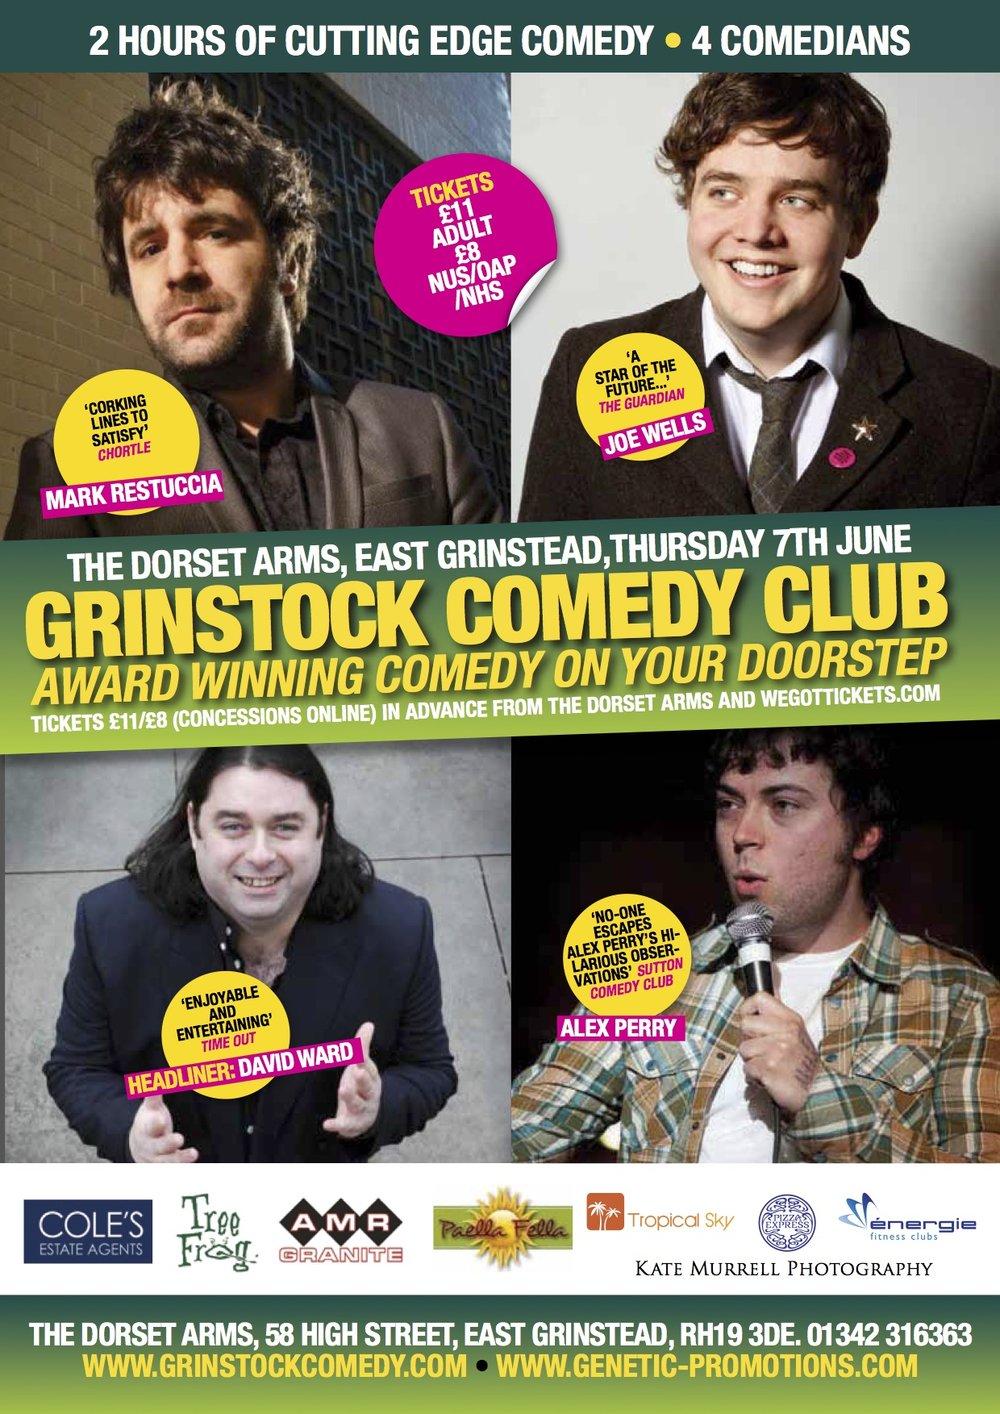 grinstock-comdey-june-2012.jpg